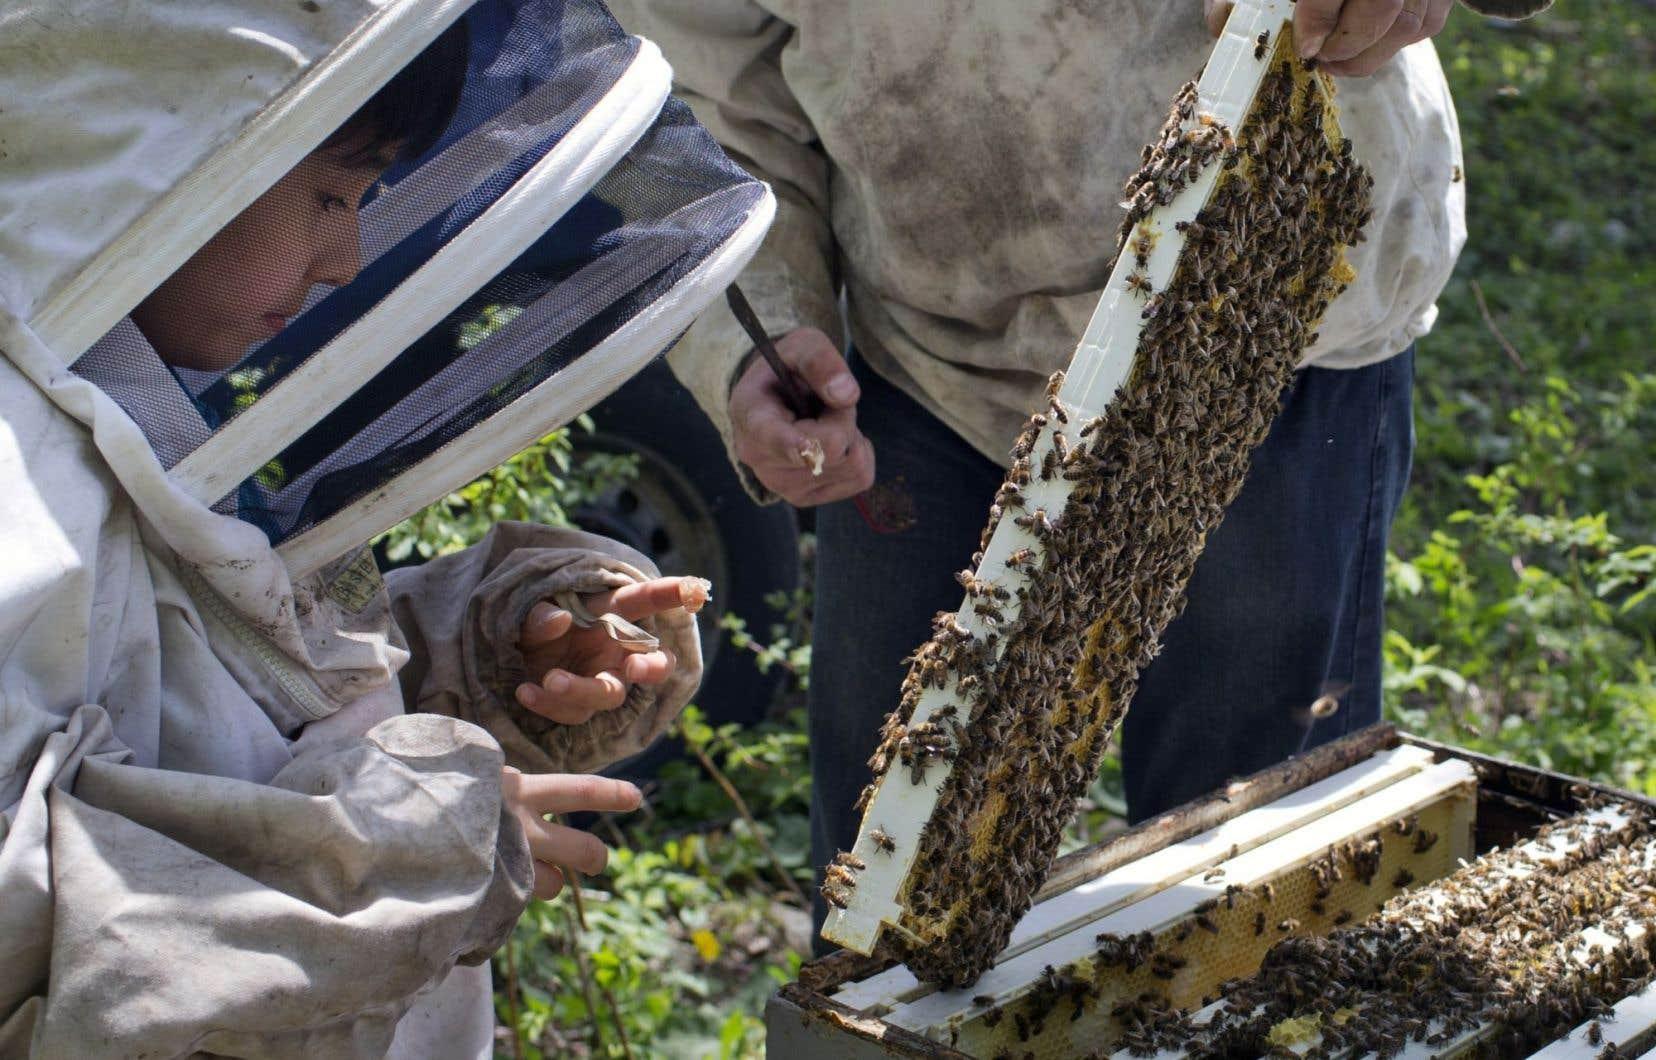 Les néonicotinoïdes sont notamment montrés du doigt pour expliquer l'effondrement des colonies d'abeilles, une situation qui pose un risque majeur pour toute l'agriculture.